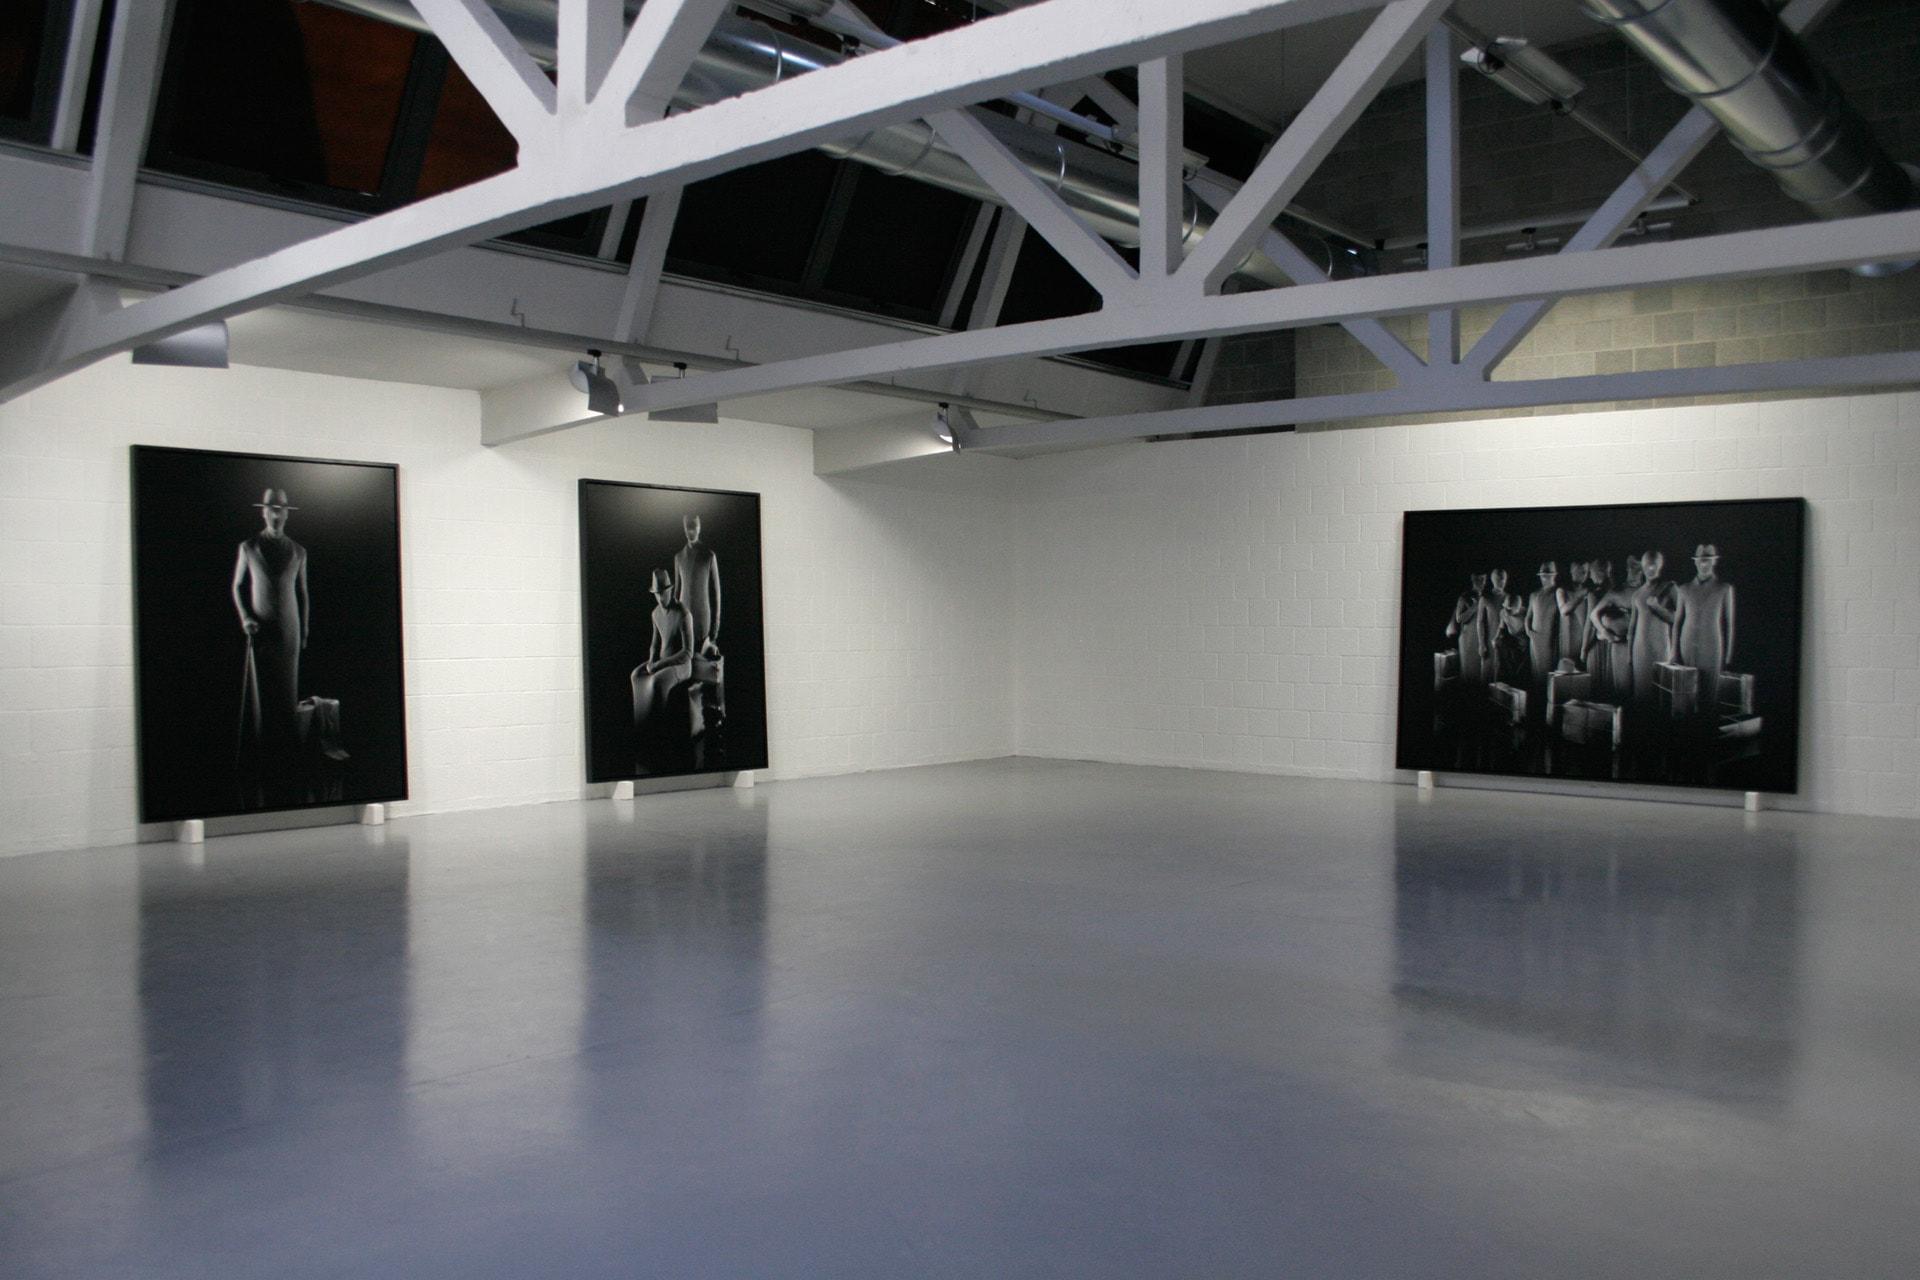 2013_Caso-Comune_Galleria-Gagliardi-Donke_1_J&PEG